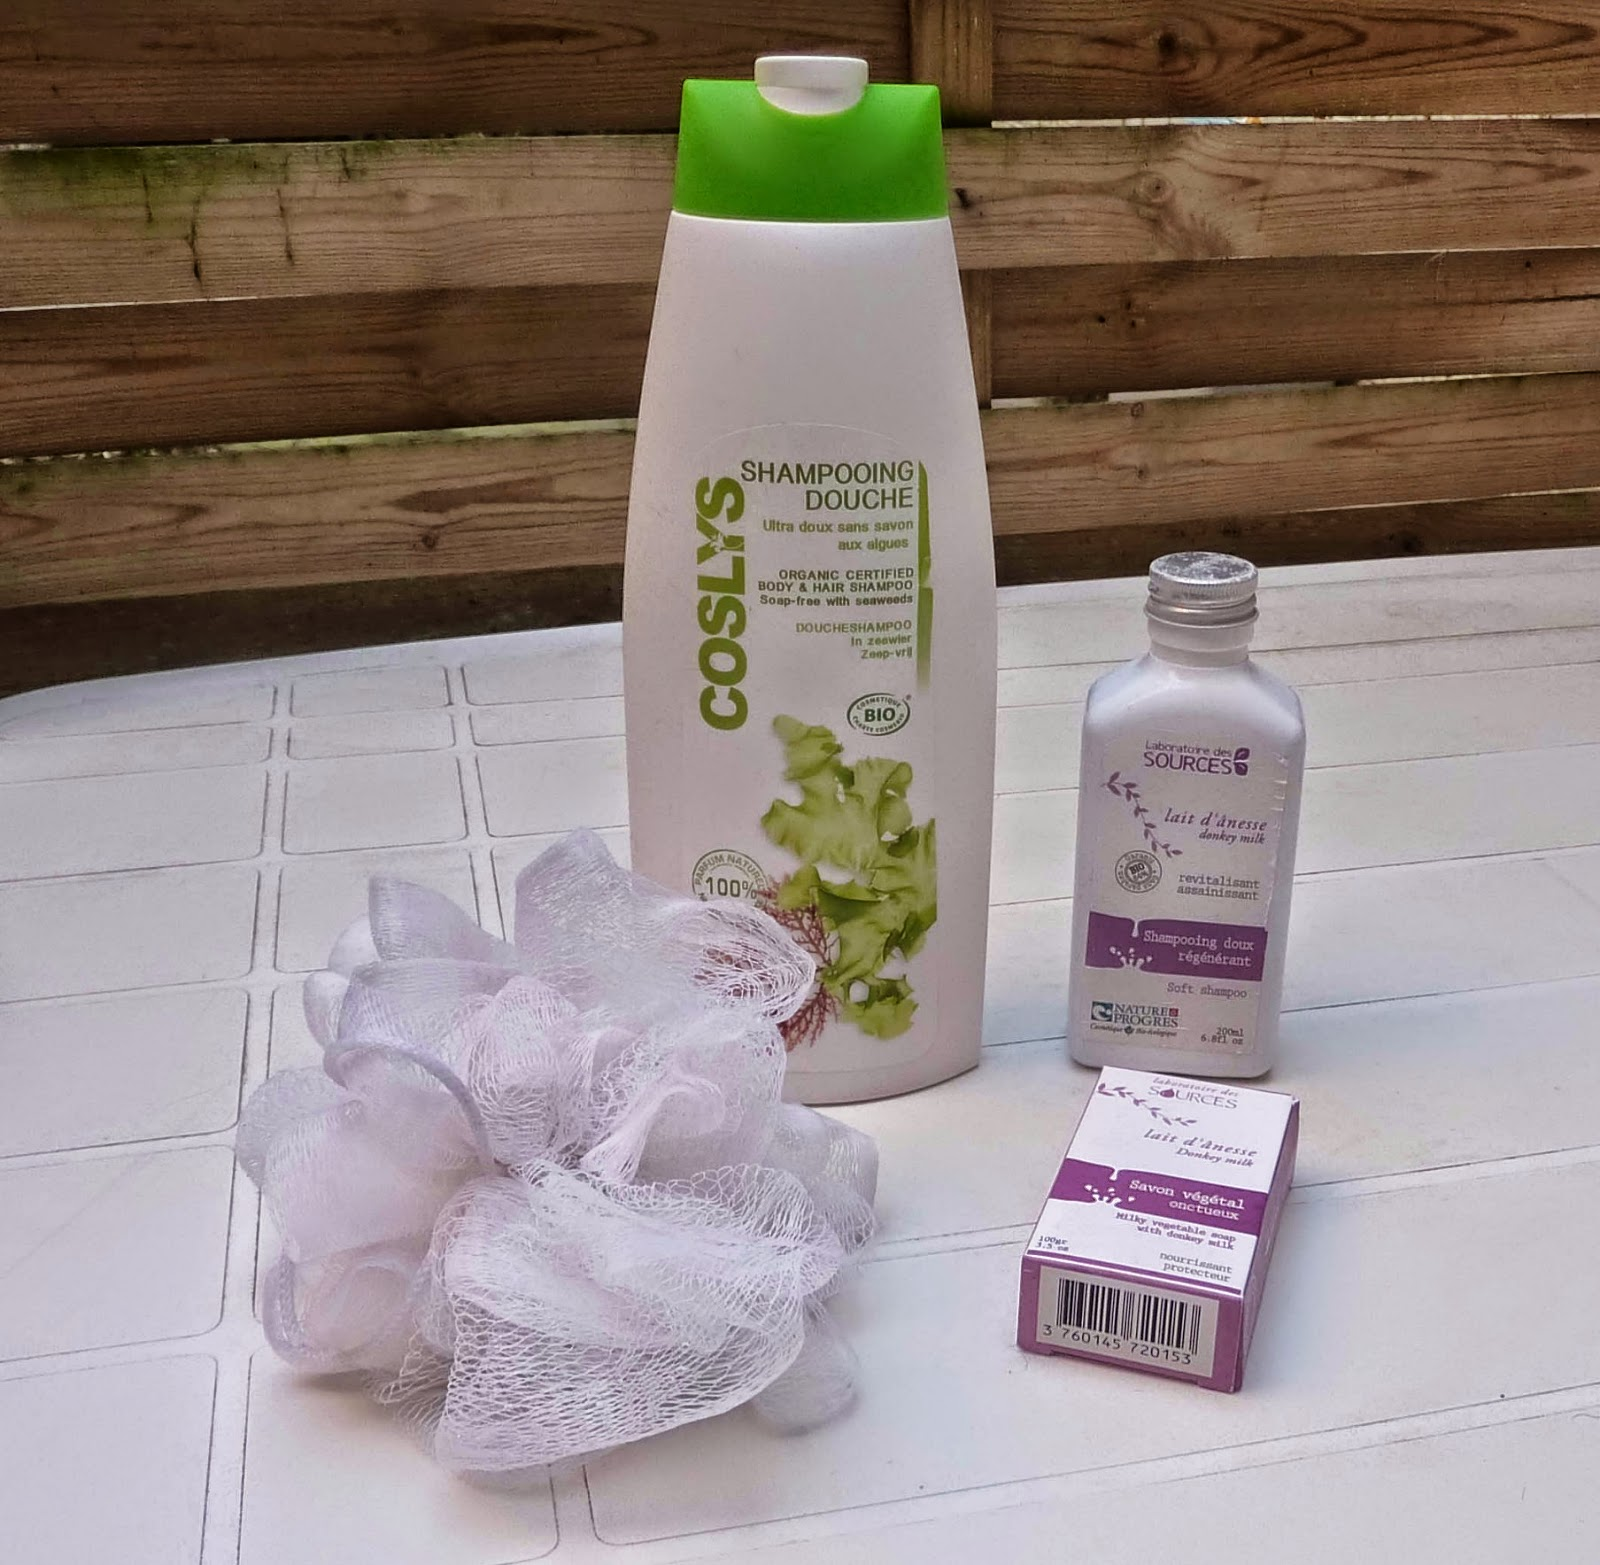 shampoing-douche-coslys, soins cheveux, savon